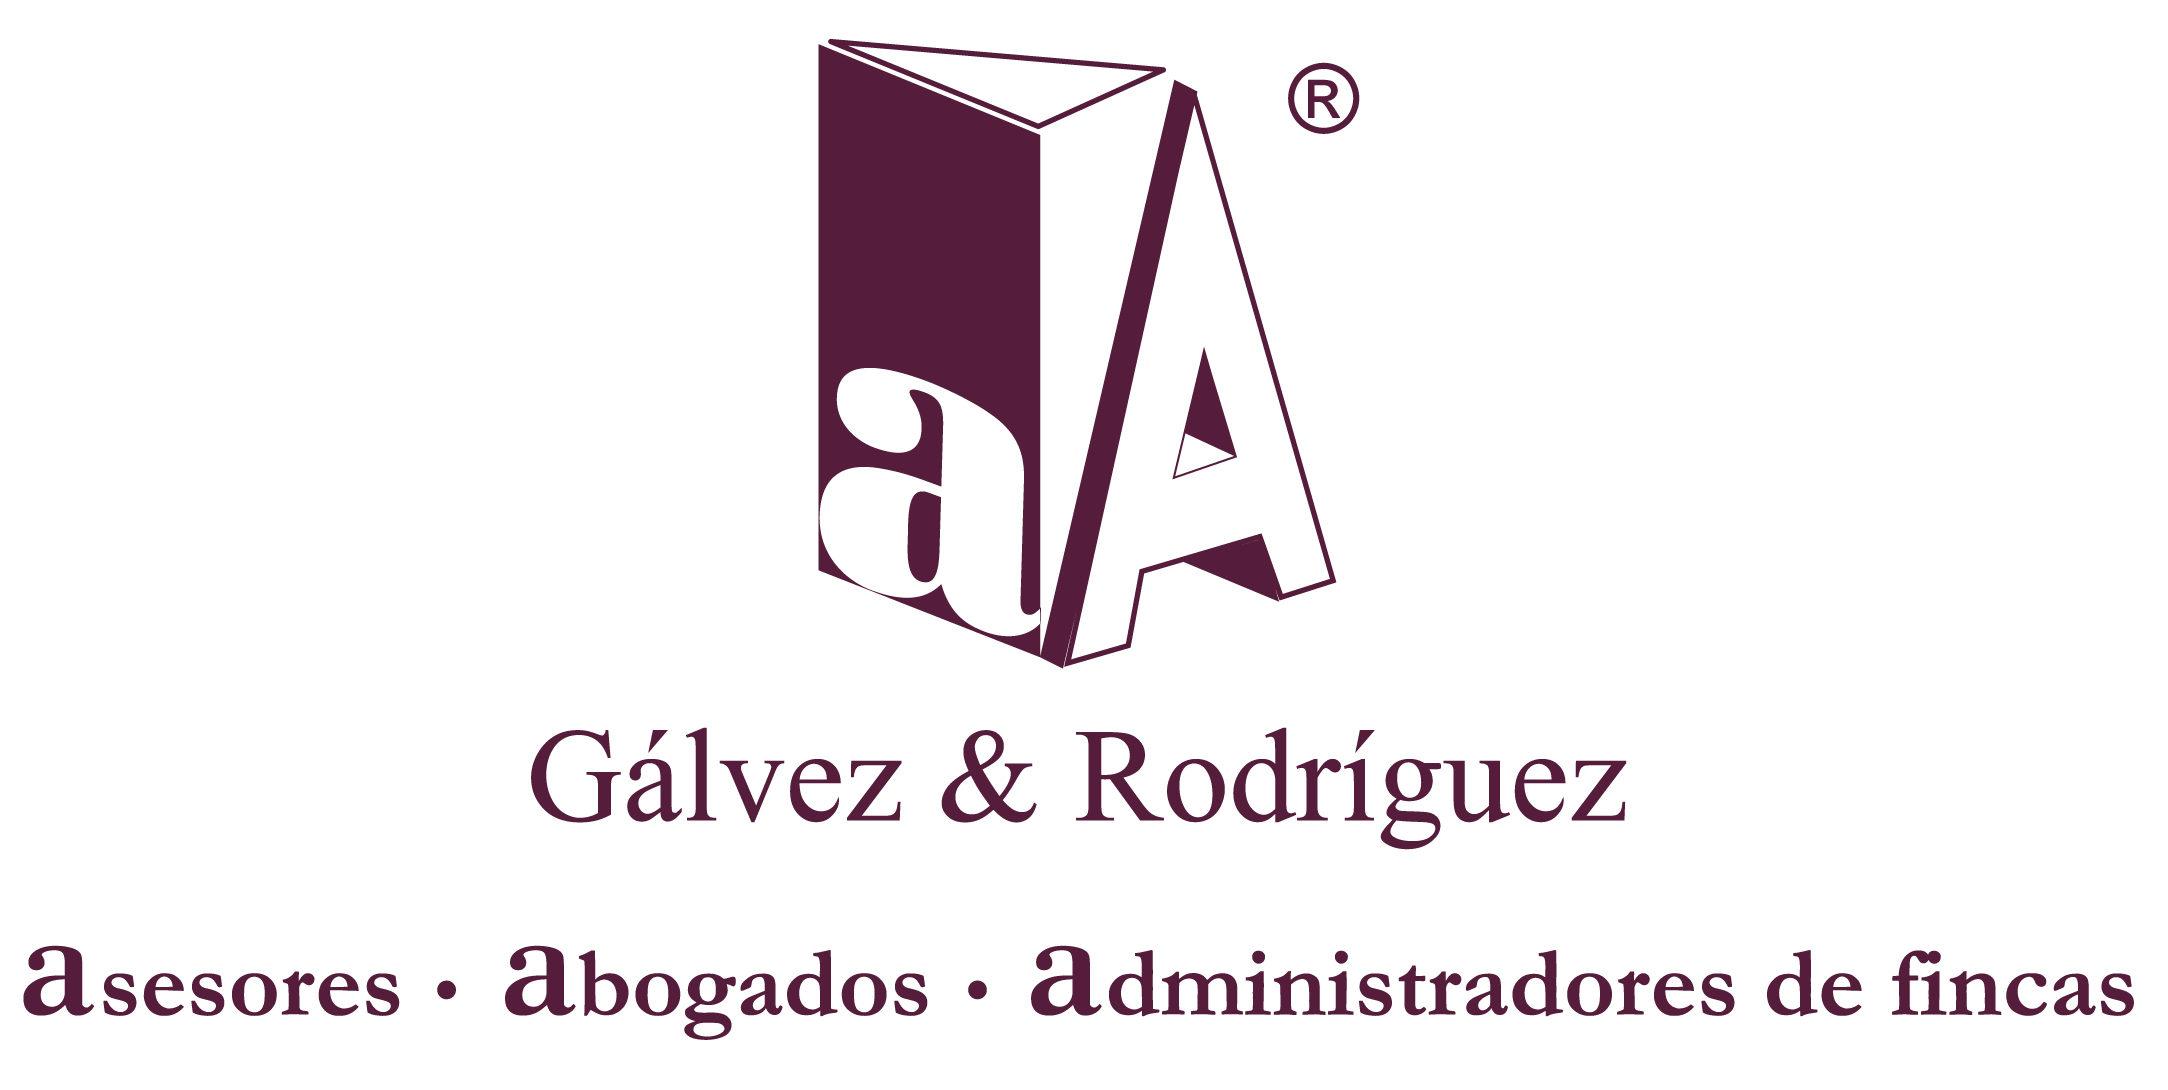 GÁLVEZ & RODRÍGUEZ